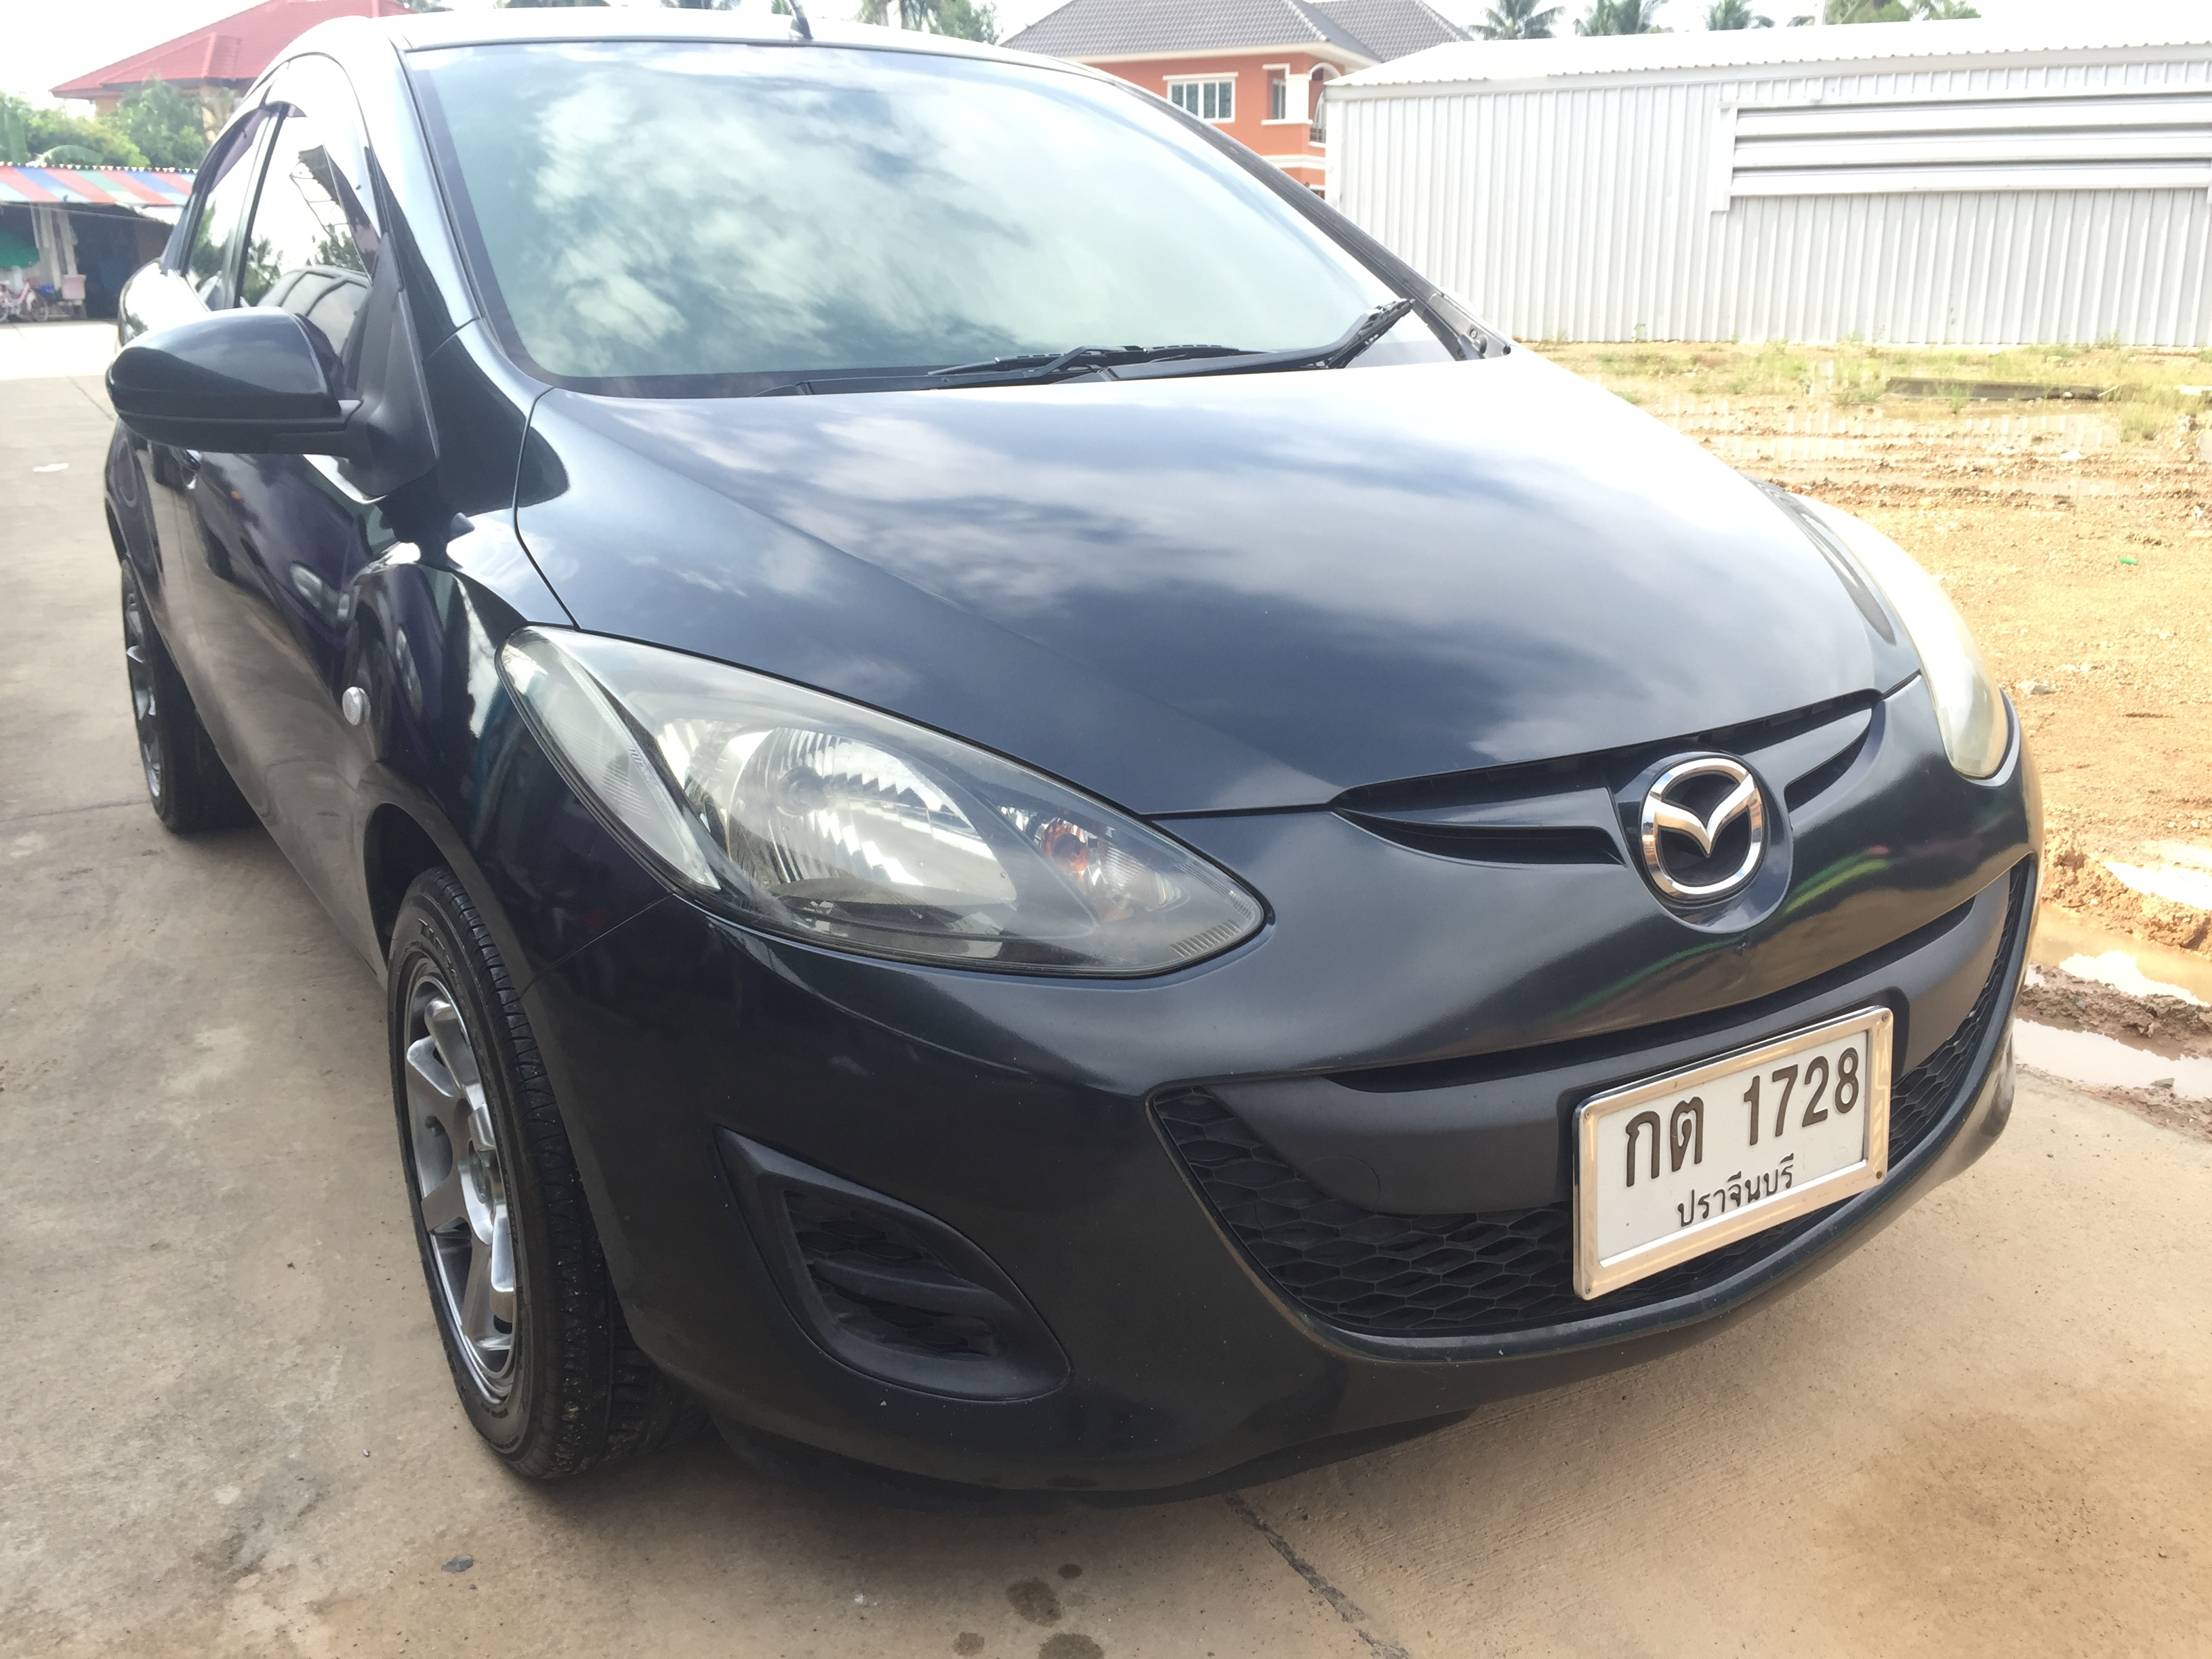 ฟรีดาวน์ ผ่อ่น 5261x72งวด แถมประกัน Mazda 2